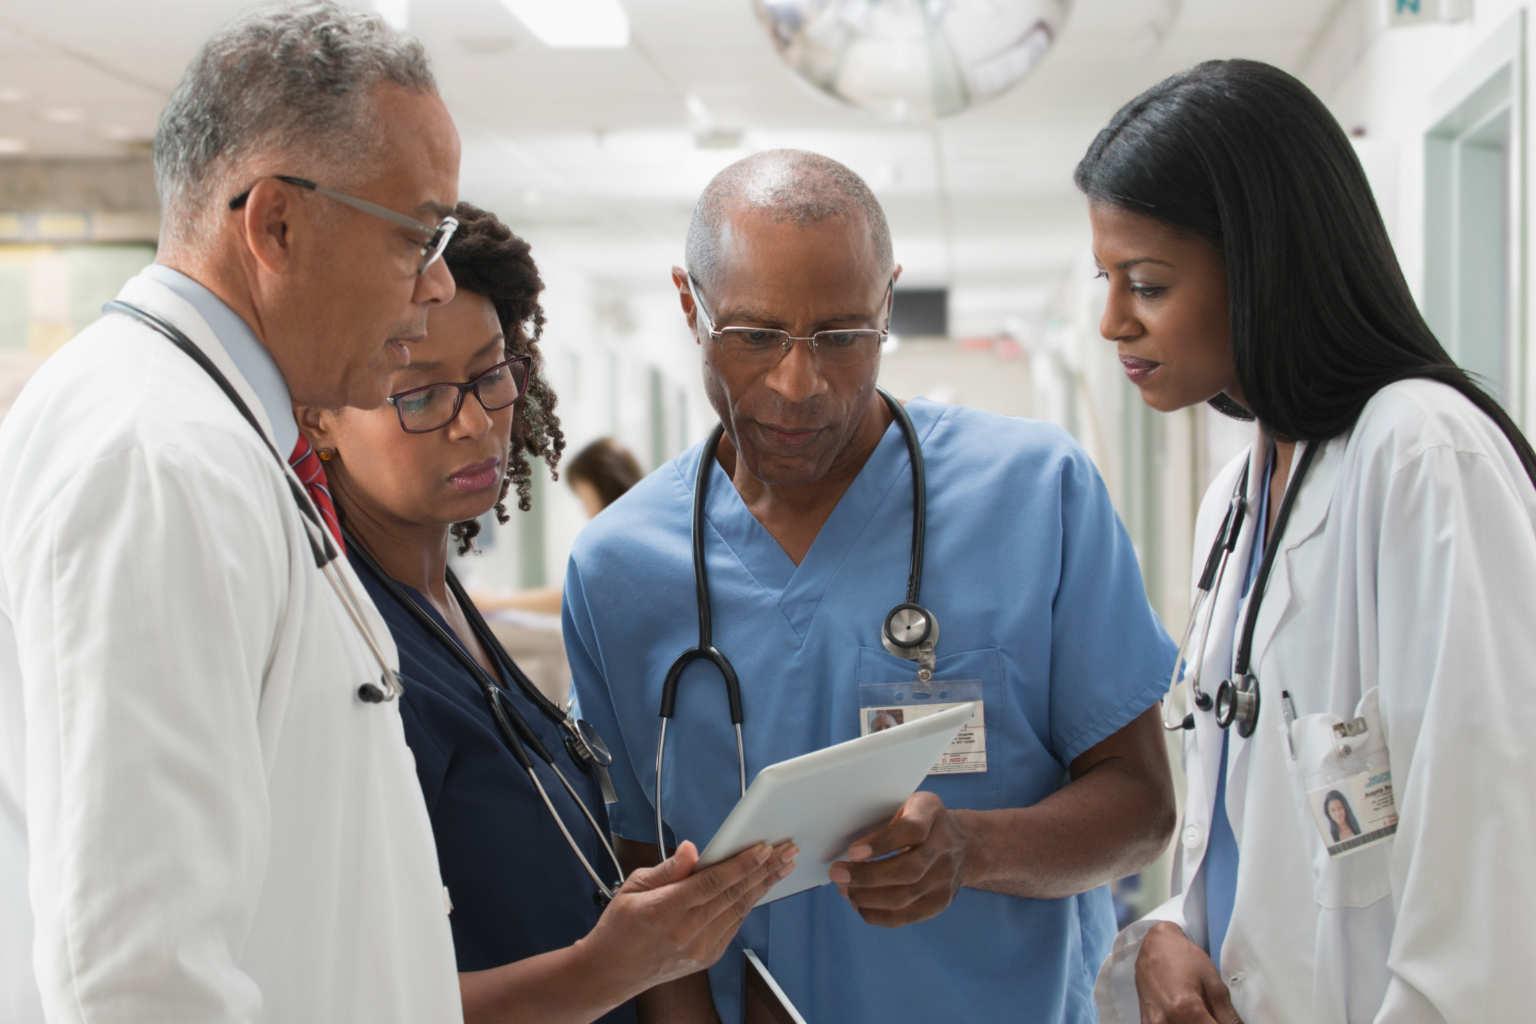 doctors huddle over tablet